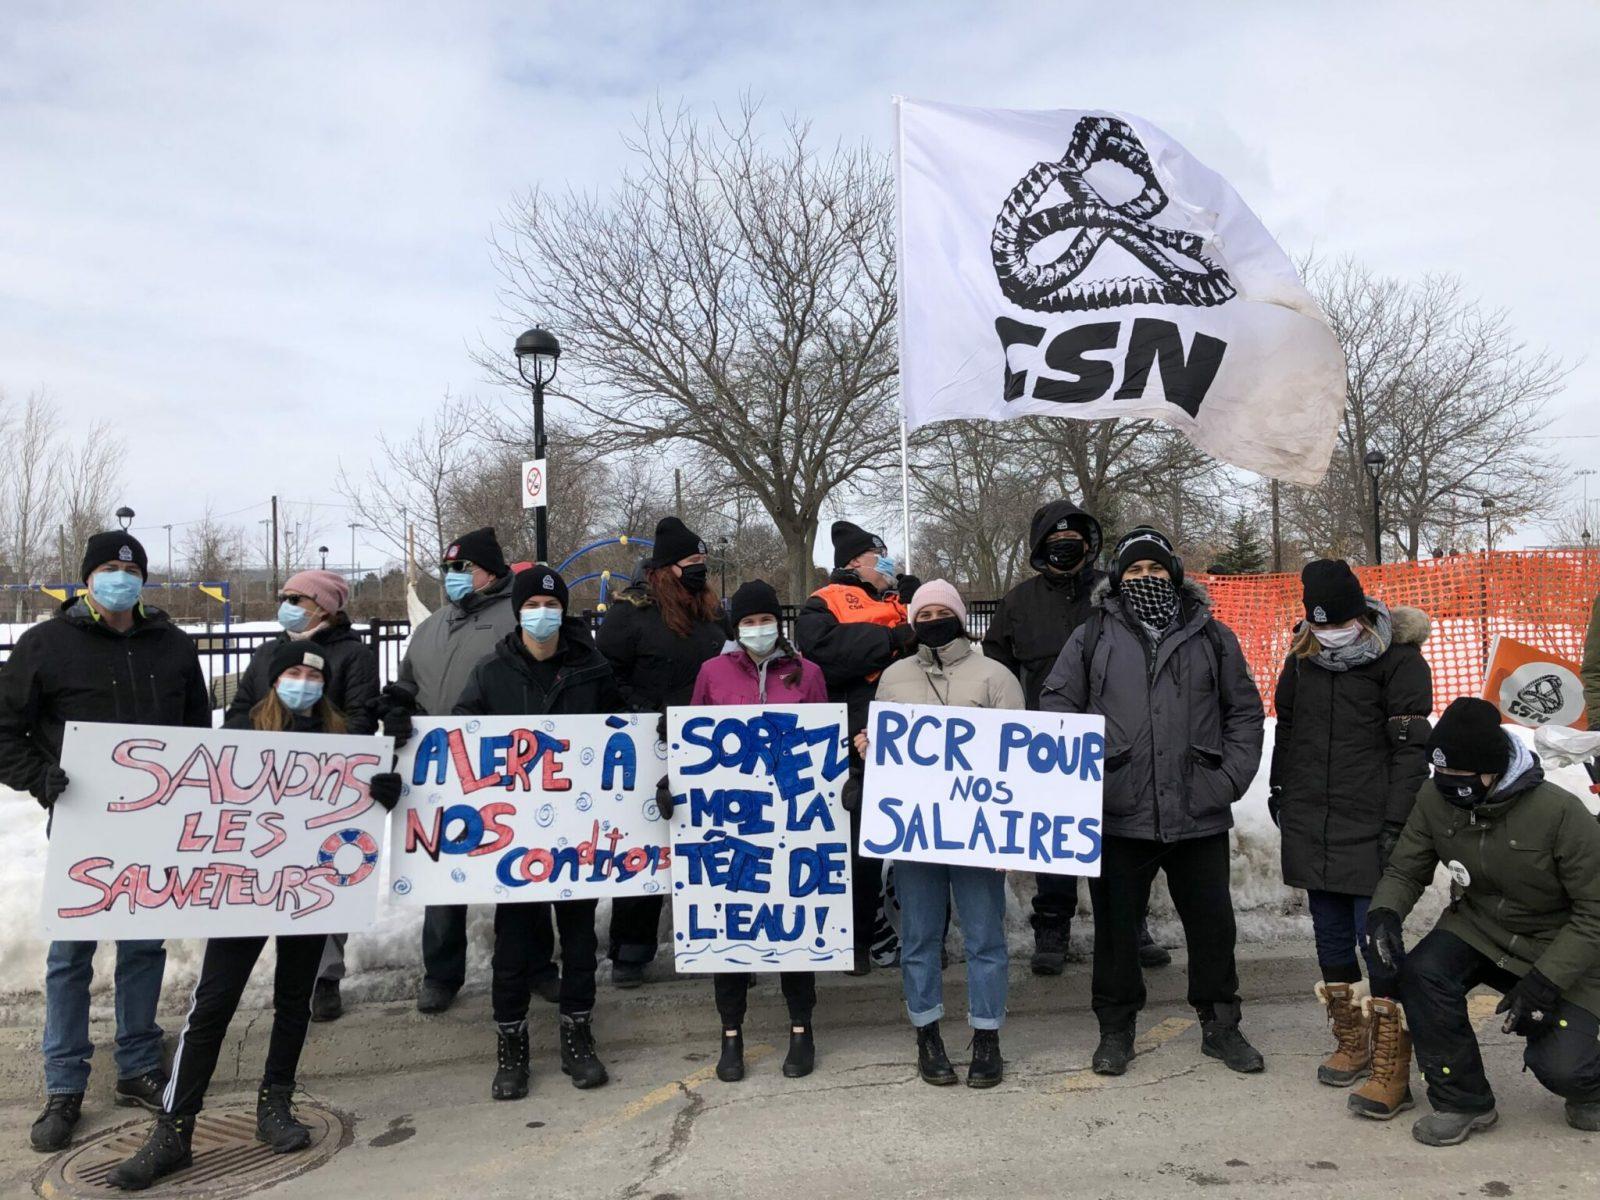 La grève des sauveteurs se poursuit au Complexe aquatique de Varennes